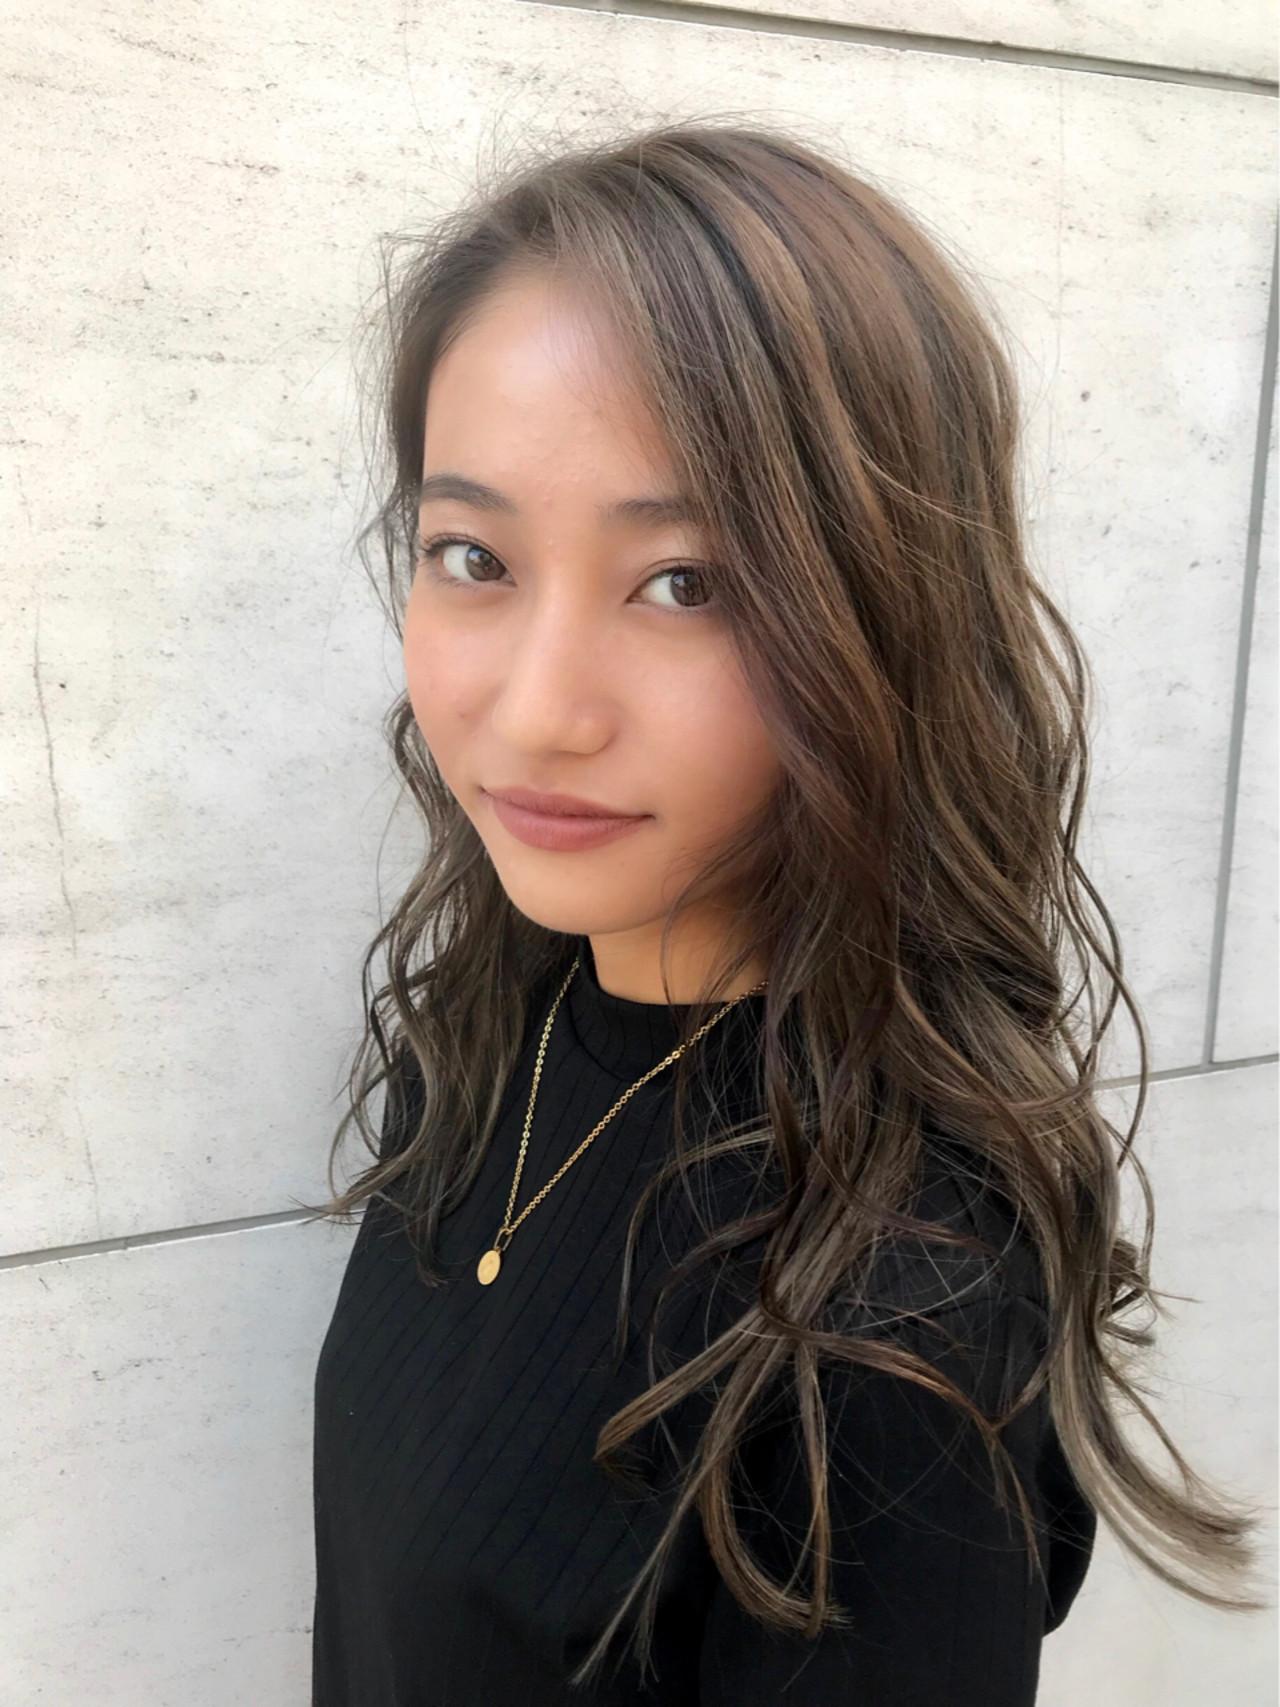 ハイライト 外国人風 ロング ニュアンス ヘアスタイルや髪型の写真・画像